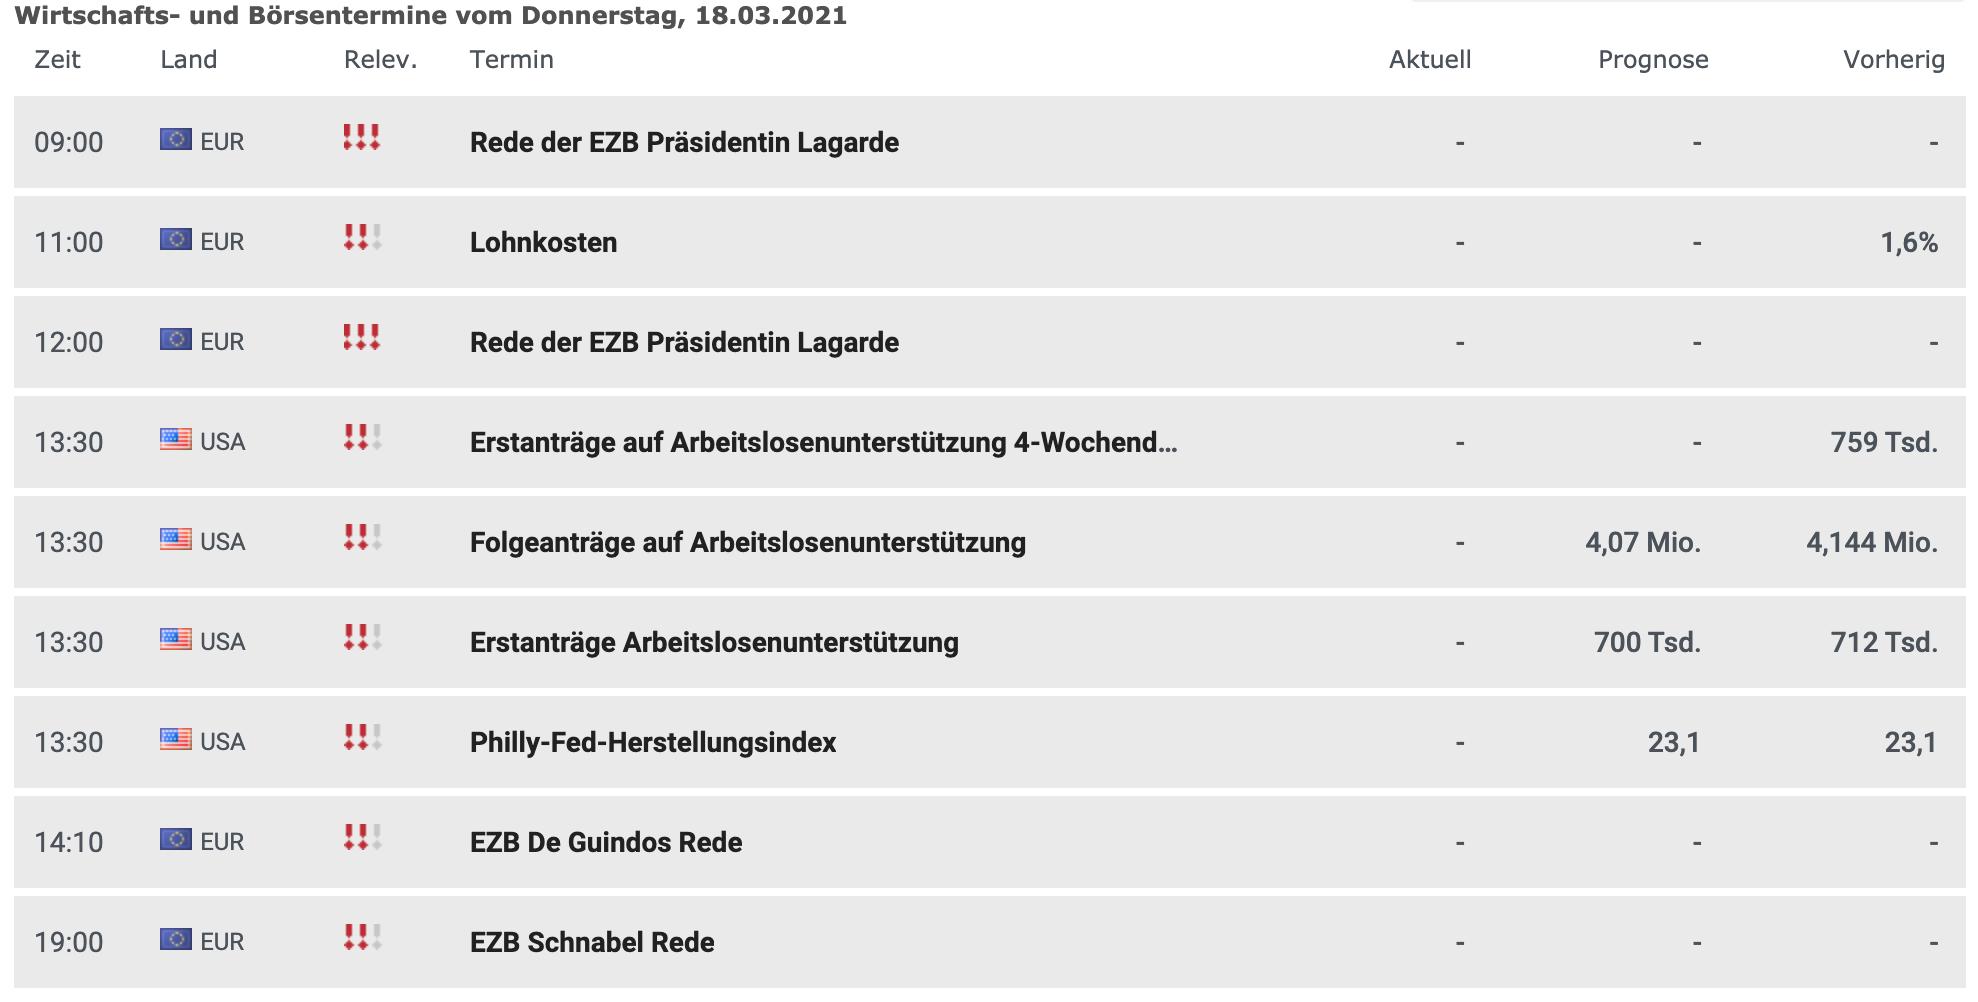 Wirtschaftsdaten am 18.03.2021